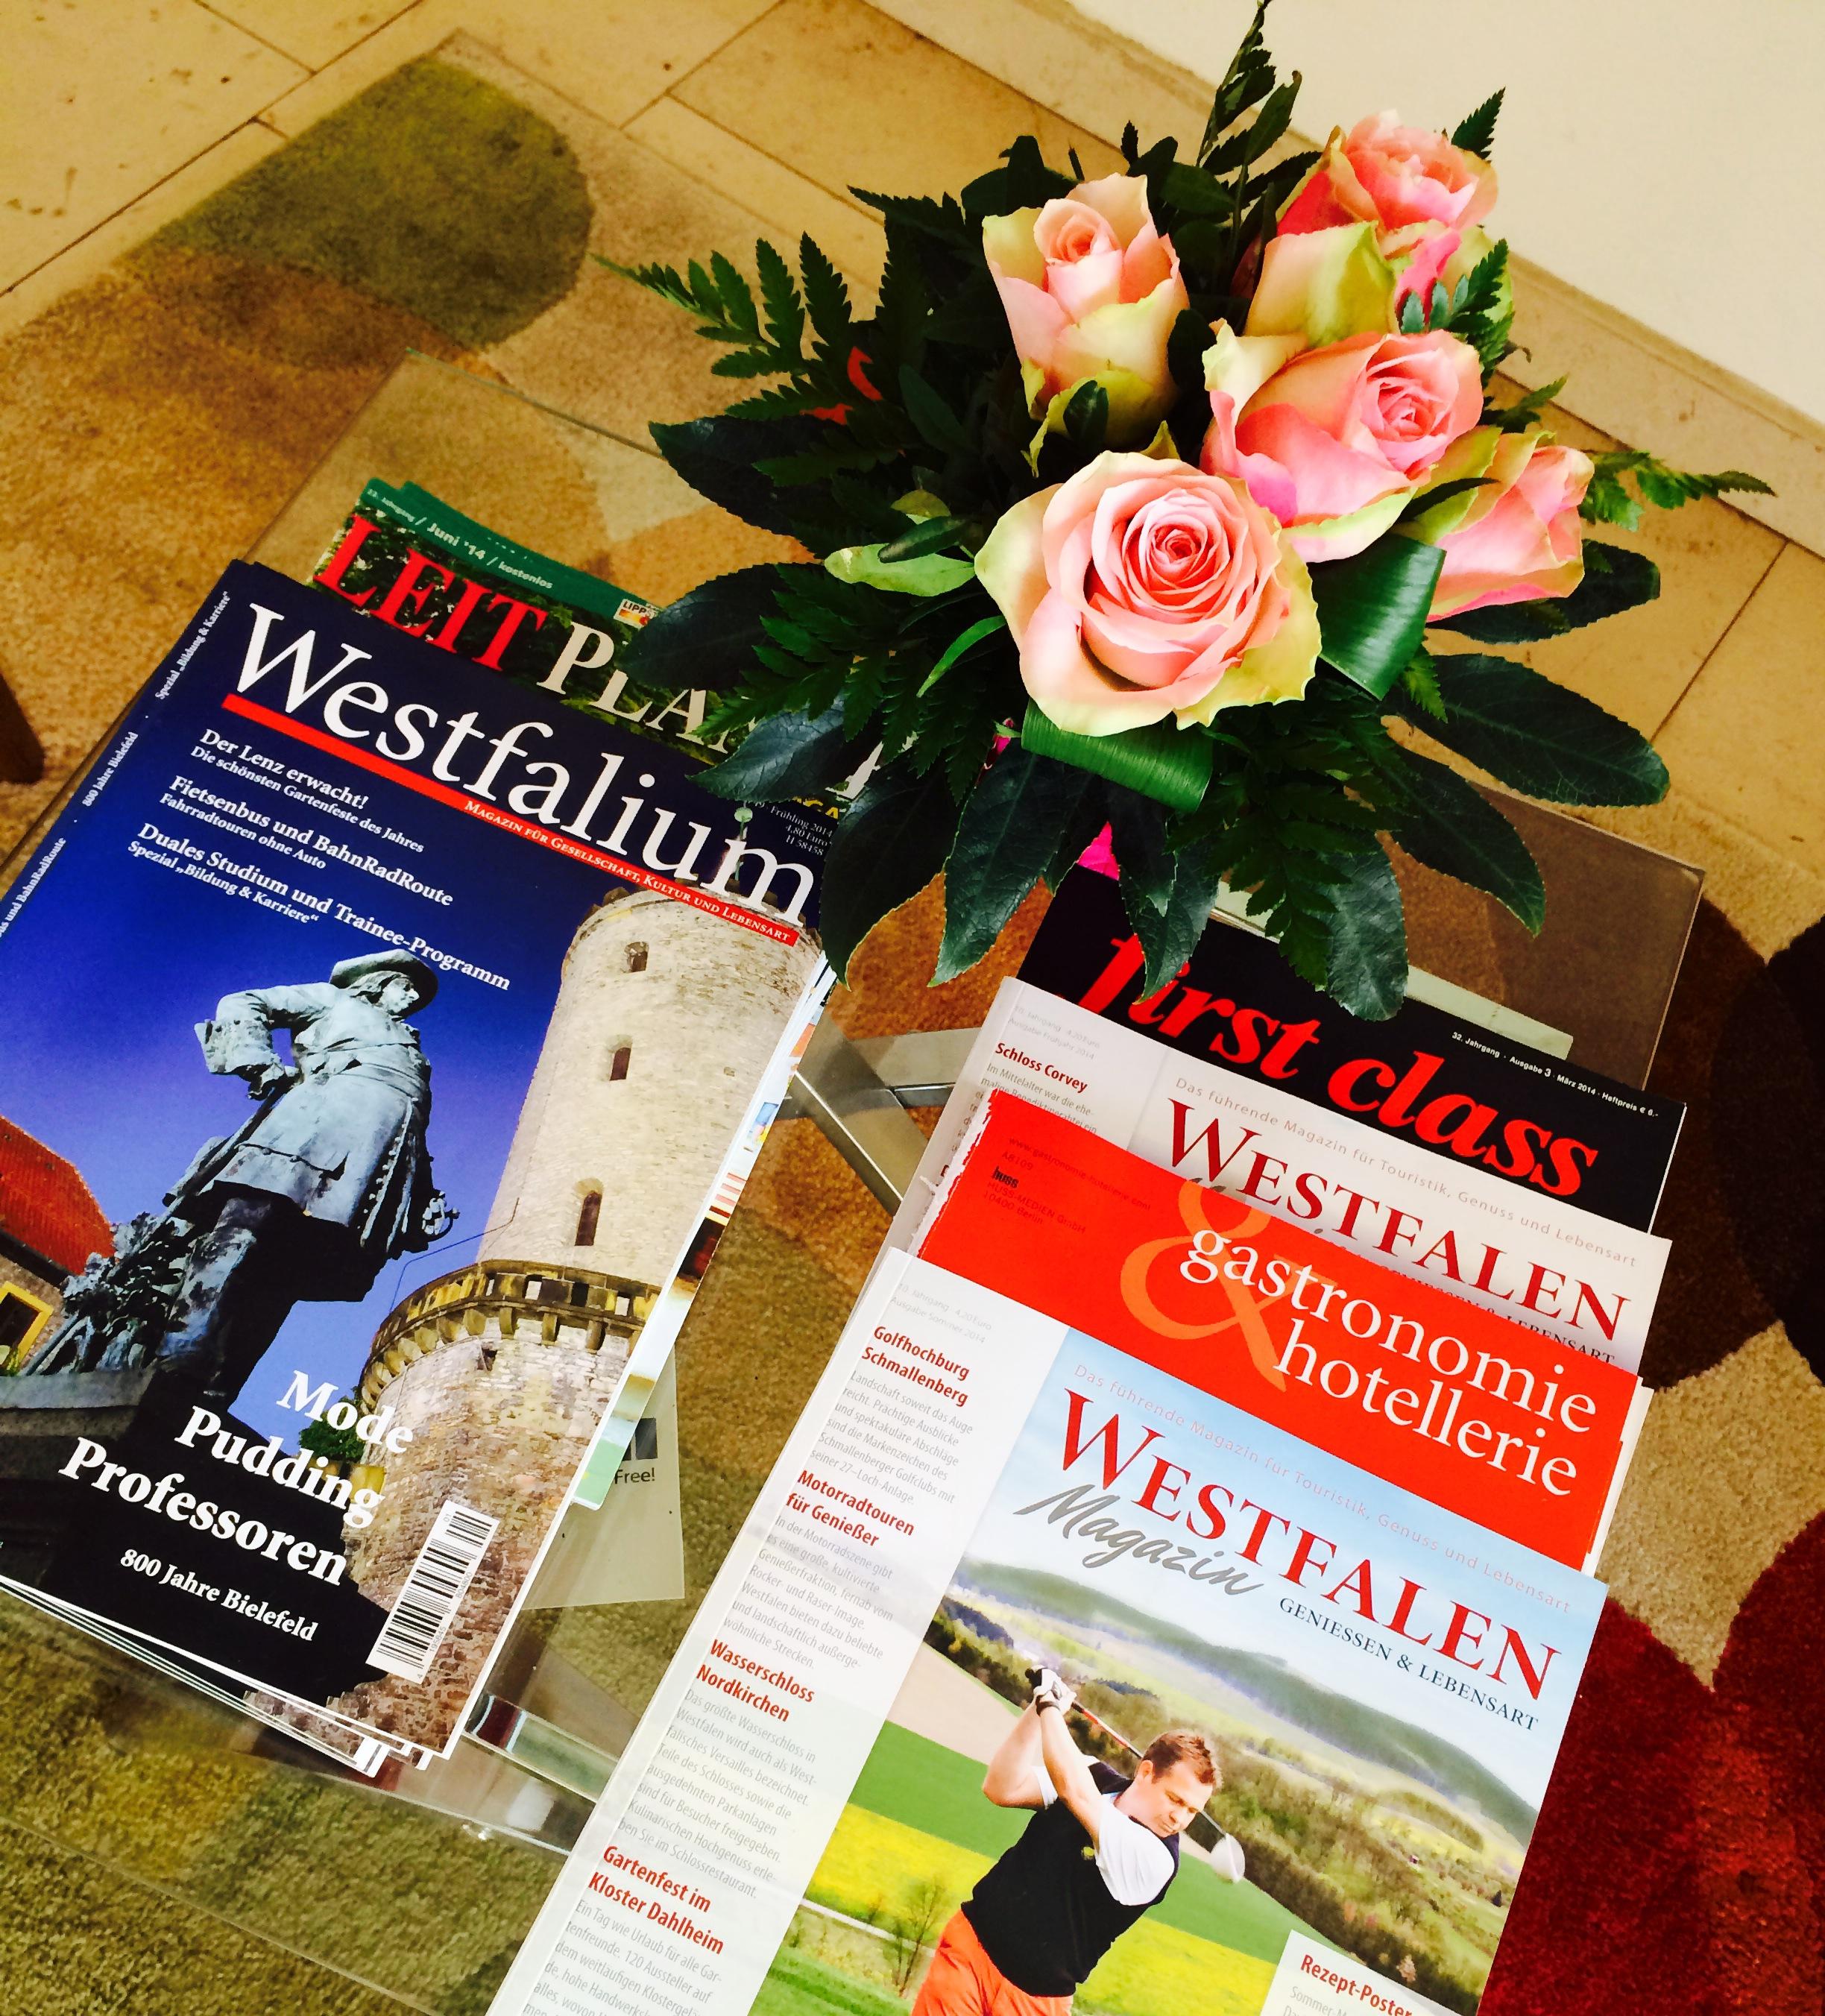 Auswahl an Lektüre im Hotel und Appartment Haus Stallmeister in Lippstadt Bad Waldliesborn